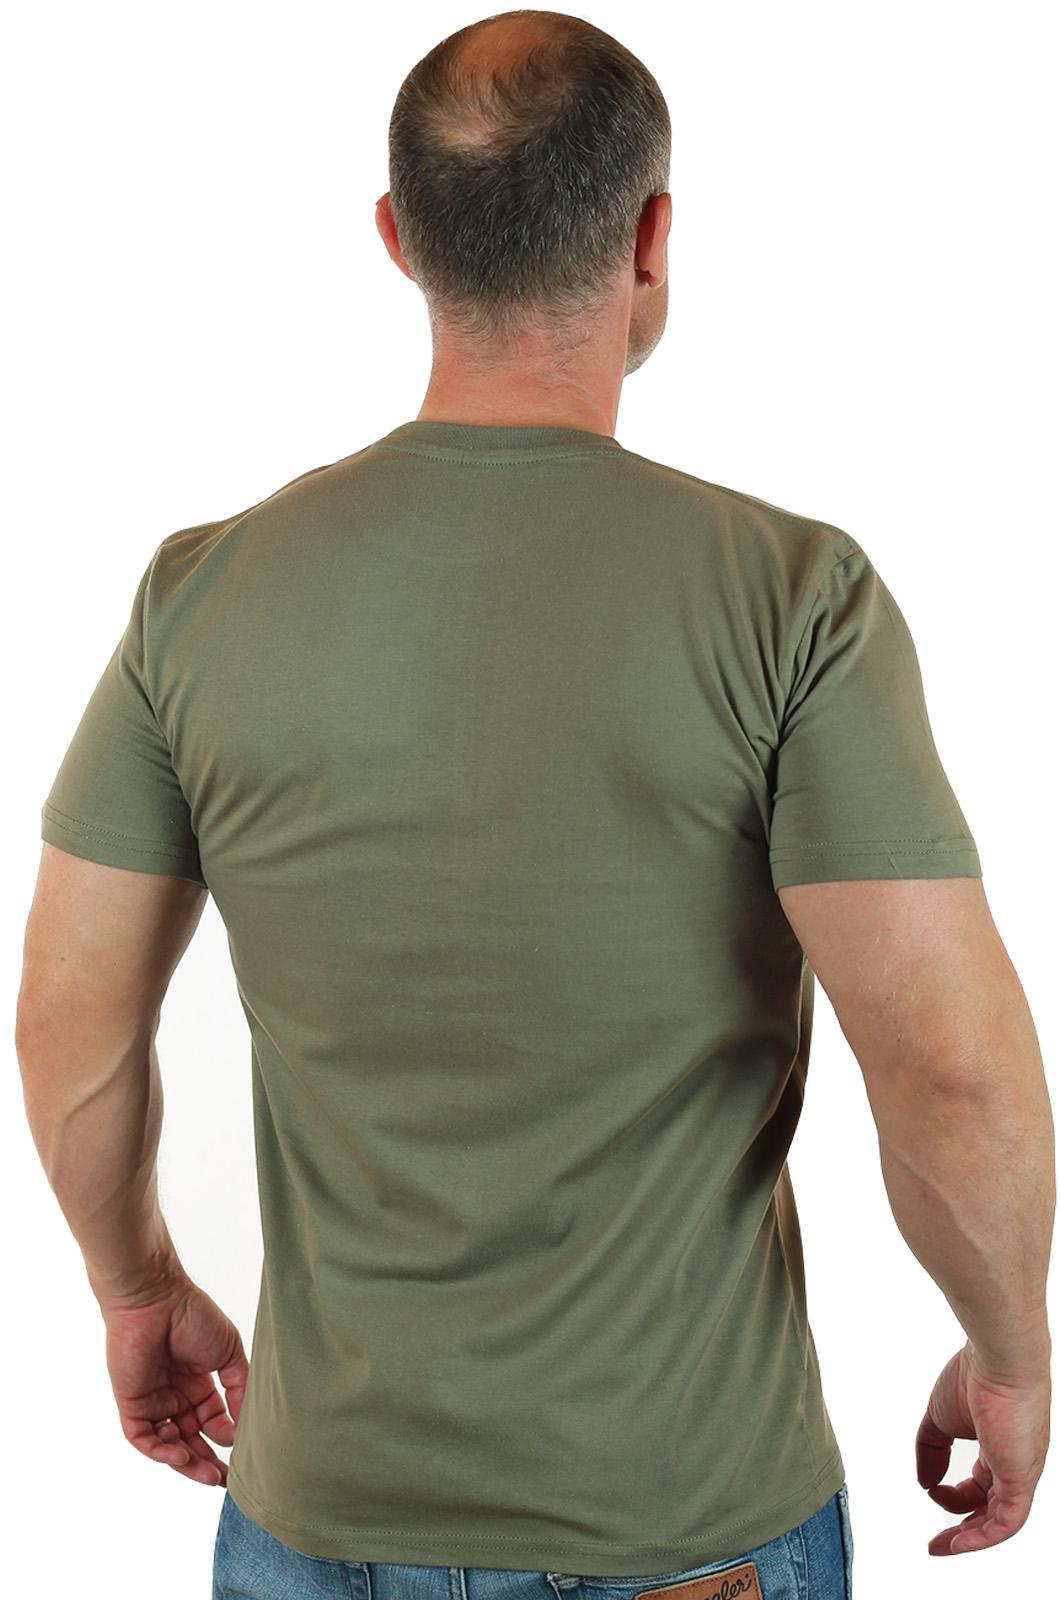 Мужская футболка с шевроном Рыболовных войск купить с доставкой купить по лучшей цене